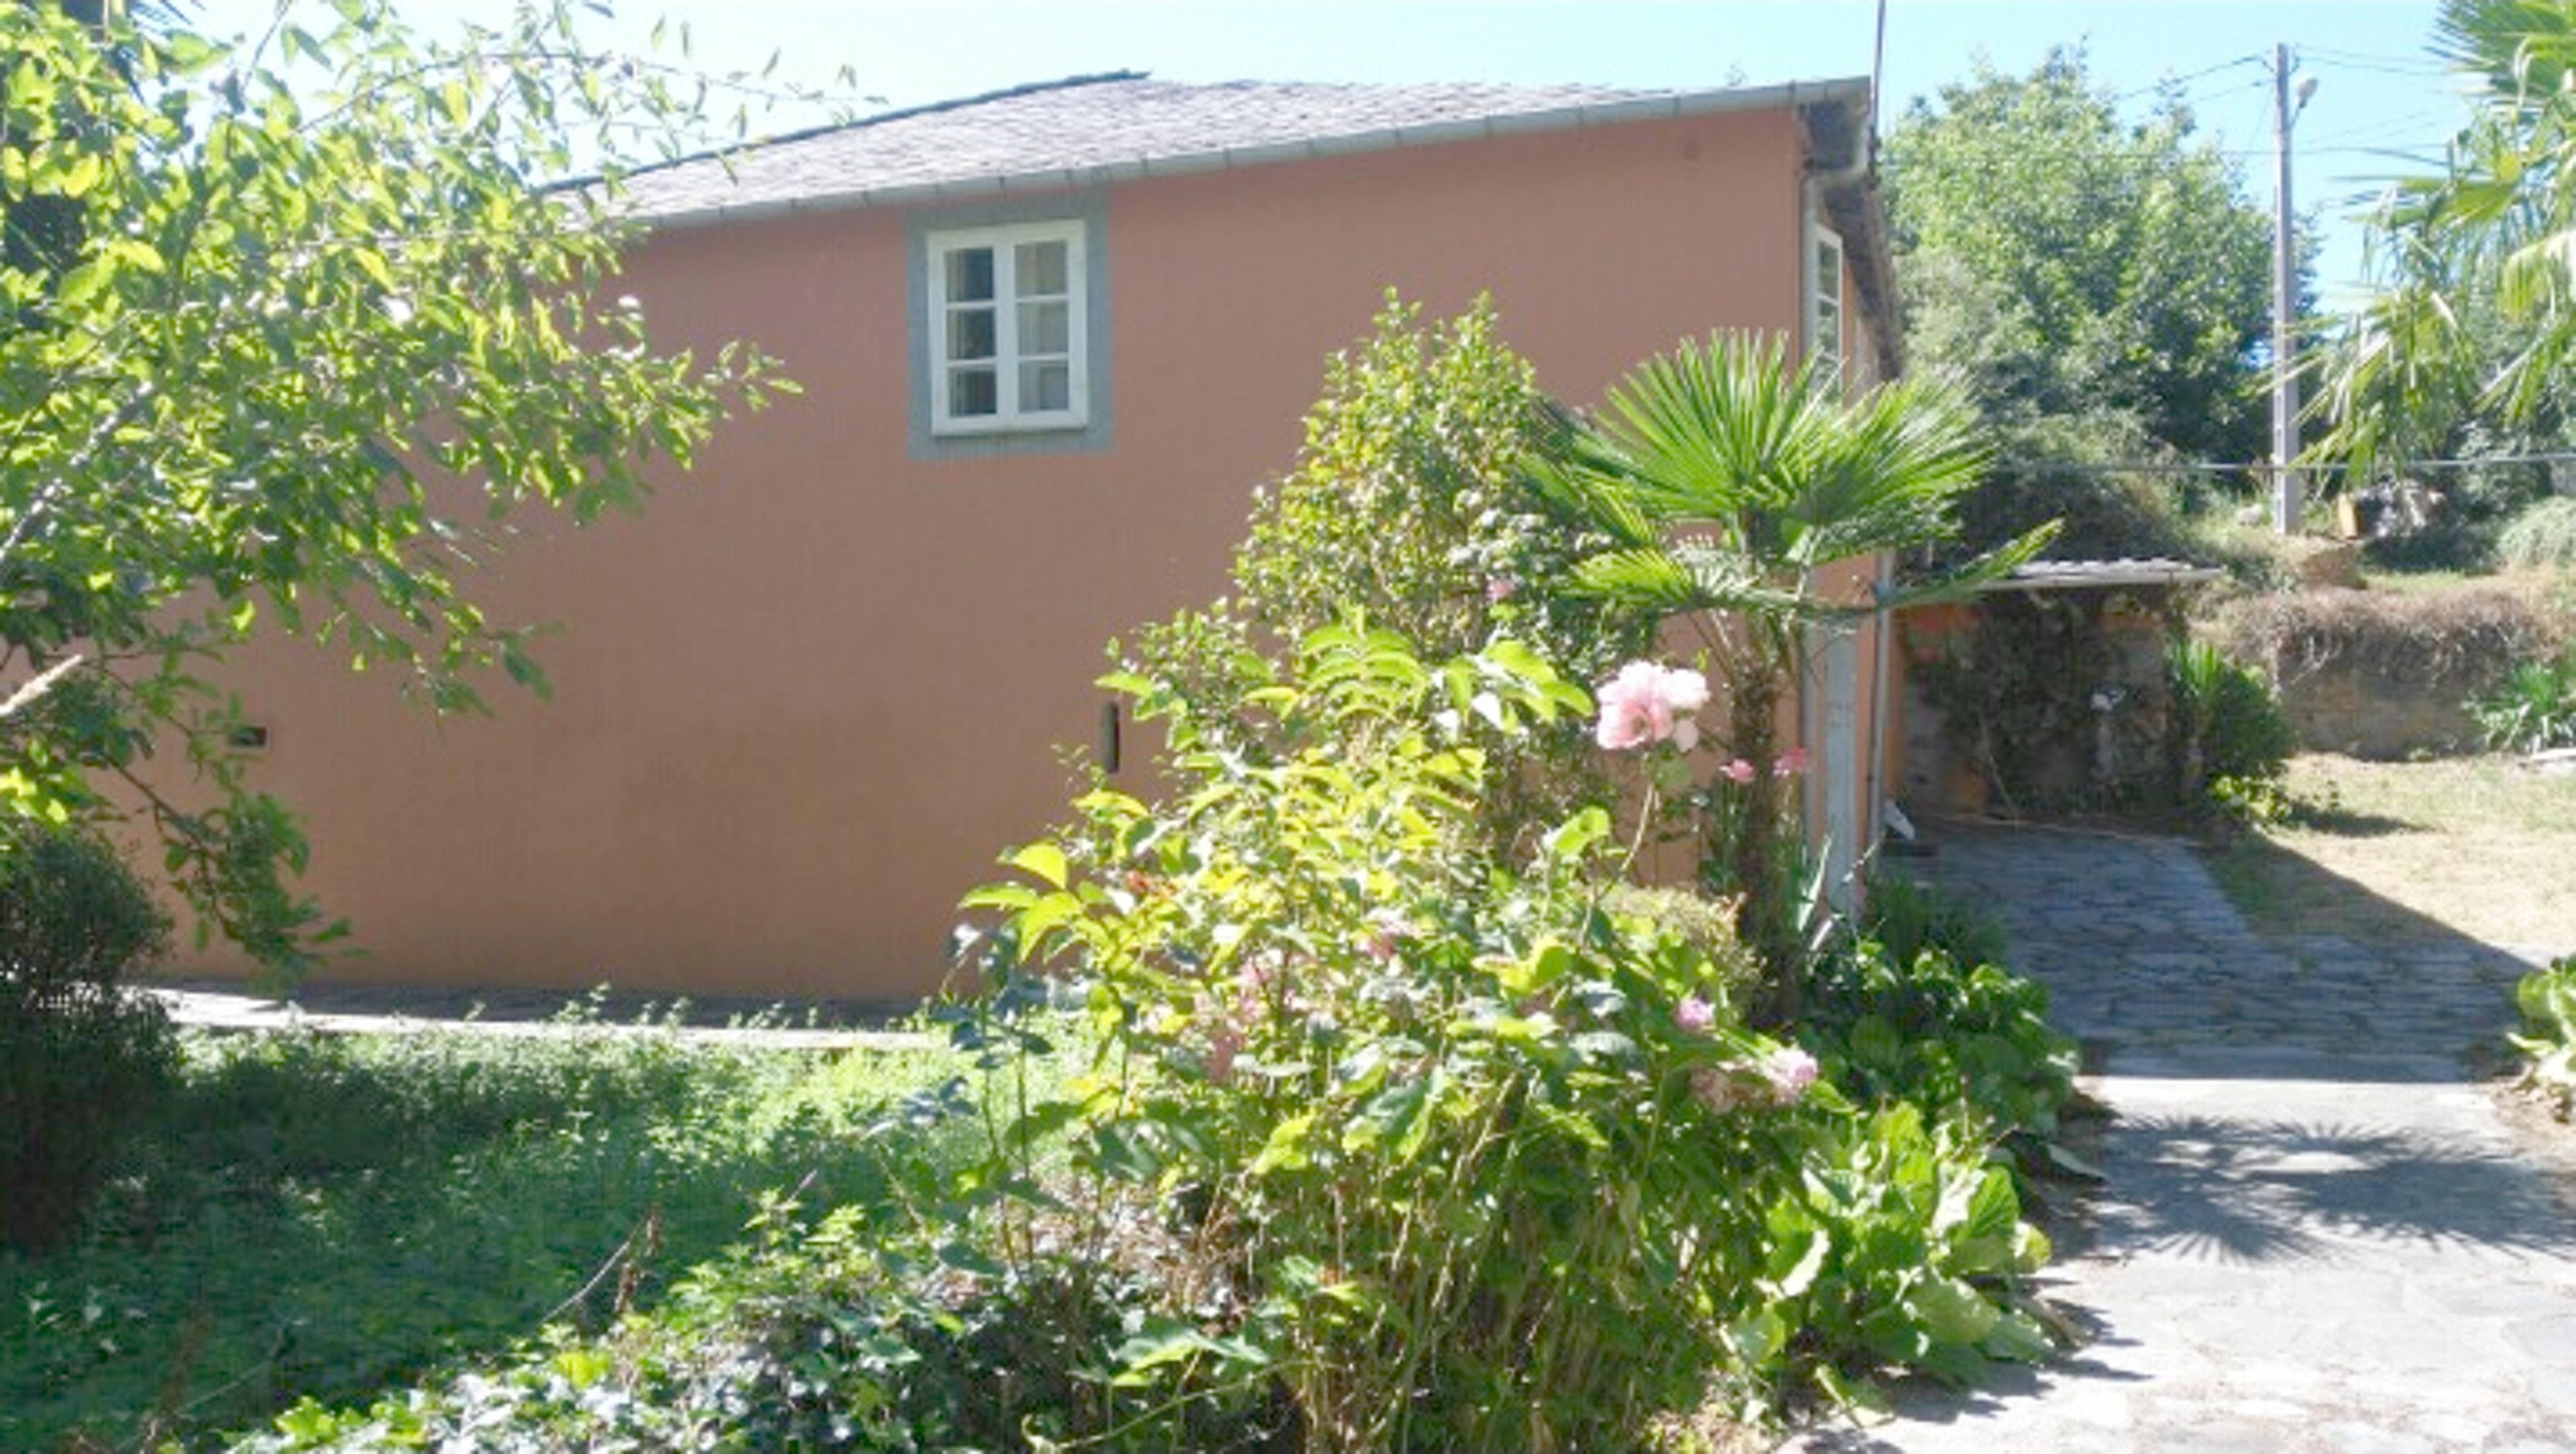 Ferienhaus Haus mit 4 Schlafzimmern in Baralla mit möbliertem Garten (2202040), Baralla, Lugo, Galicien, Spanien, Bild 17